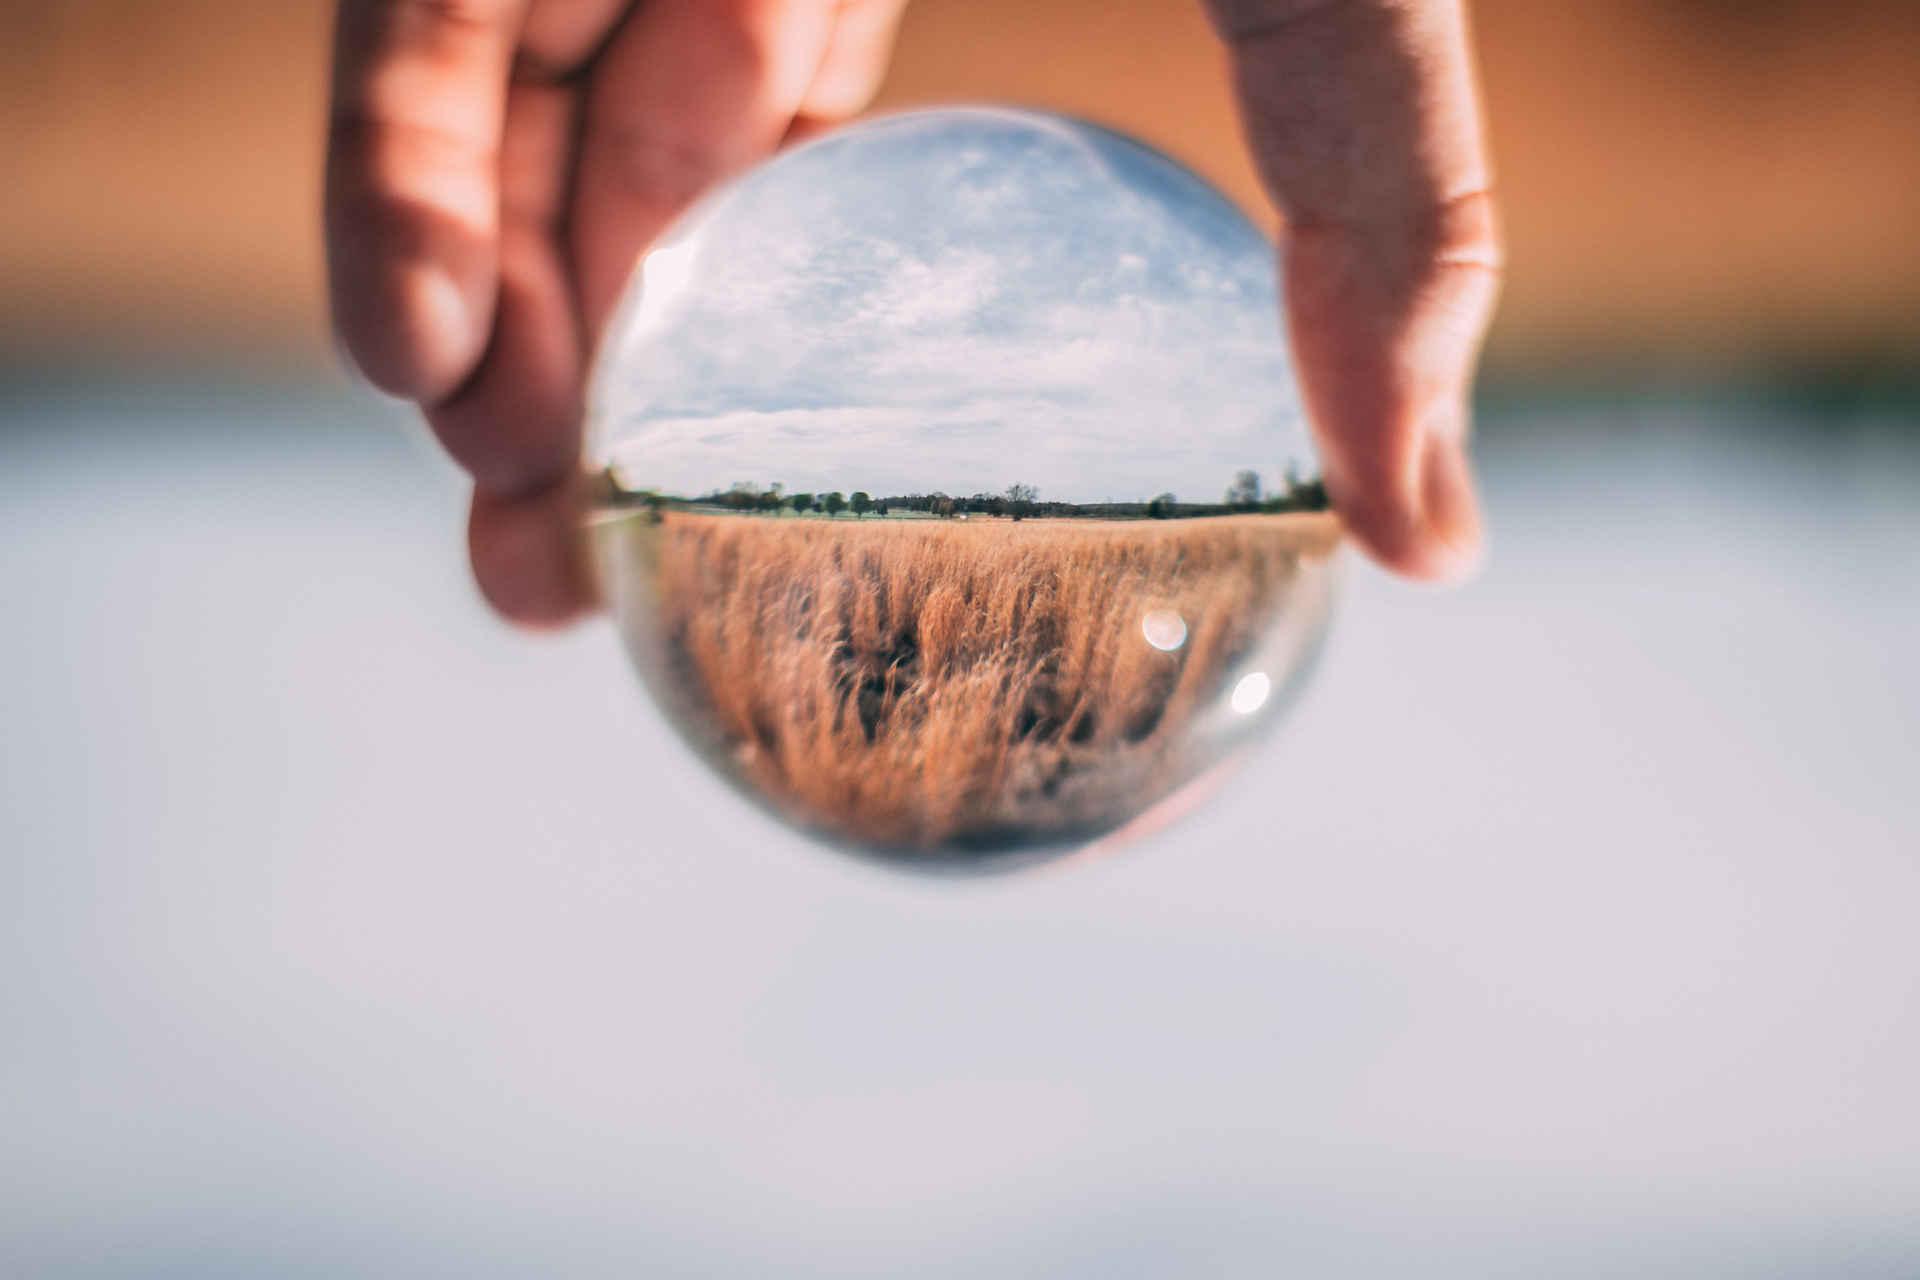 Vásárlói döntés, azaz egy introvertált esete a bifokális szemüveggel